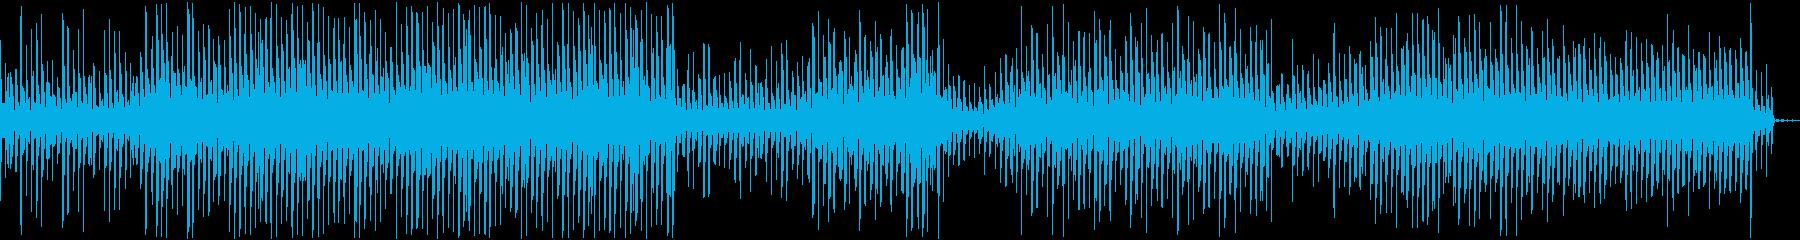 電子。スローダウンマイハート。催眠...の再生済みの波形